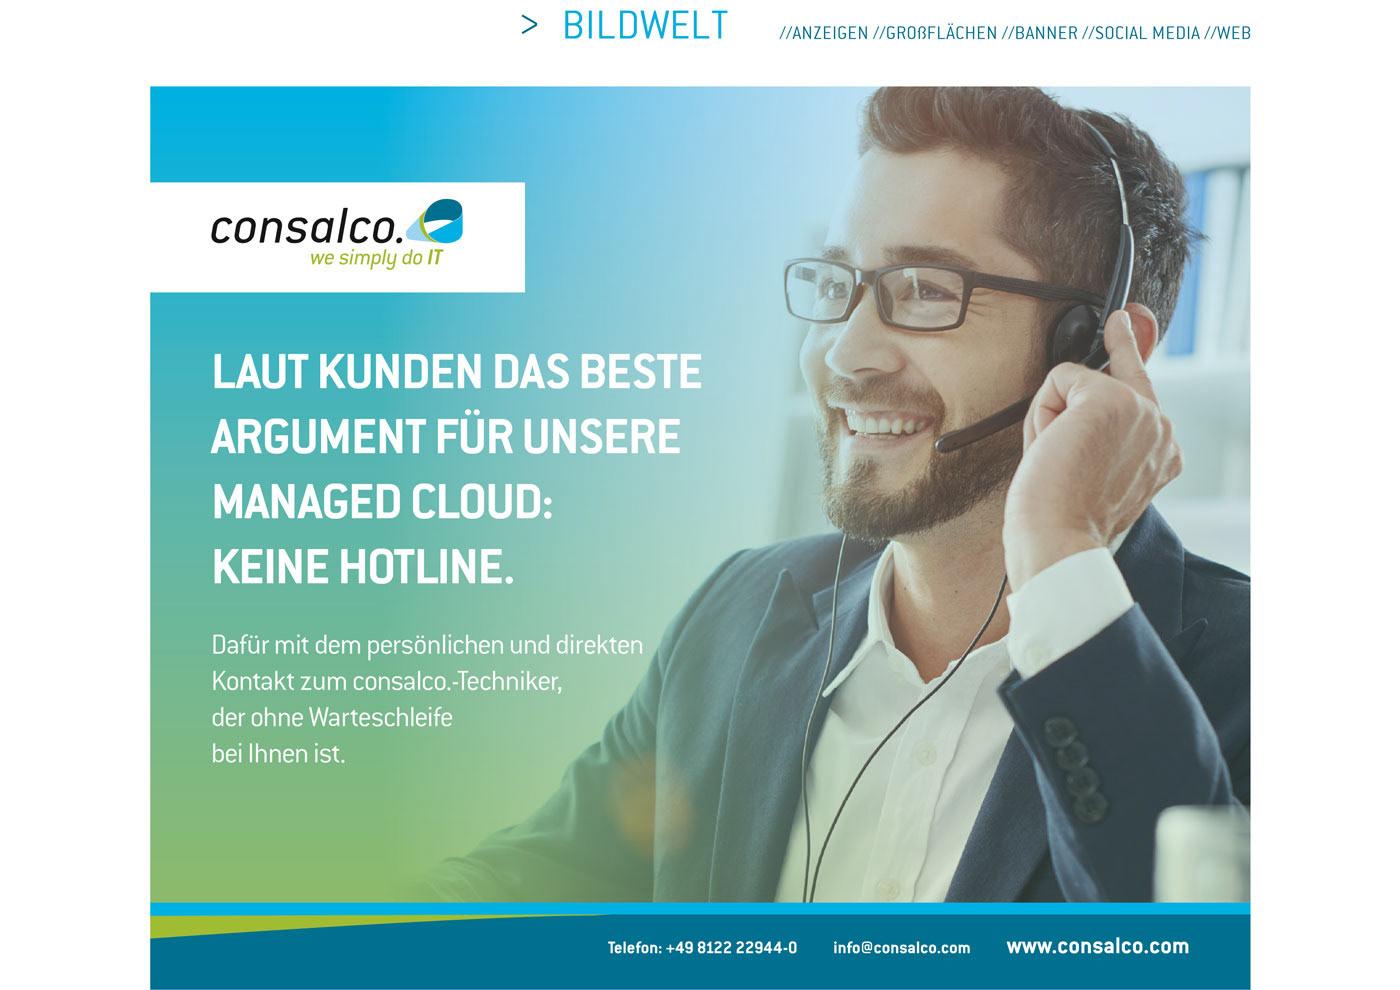 Corporate Design moosburg Freising IT Webdesign schilli die signatur printdesign designloge #HP